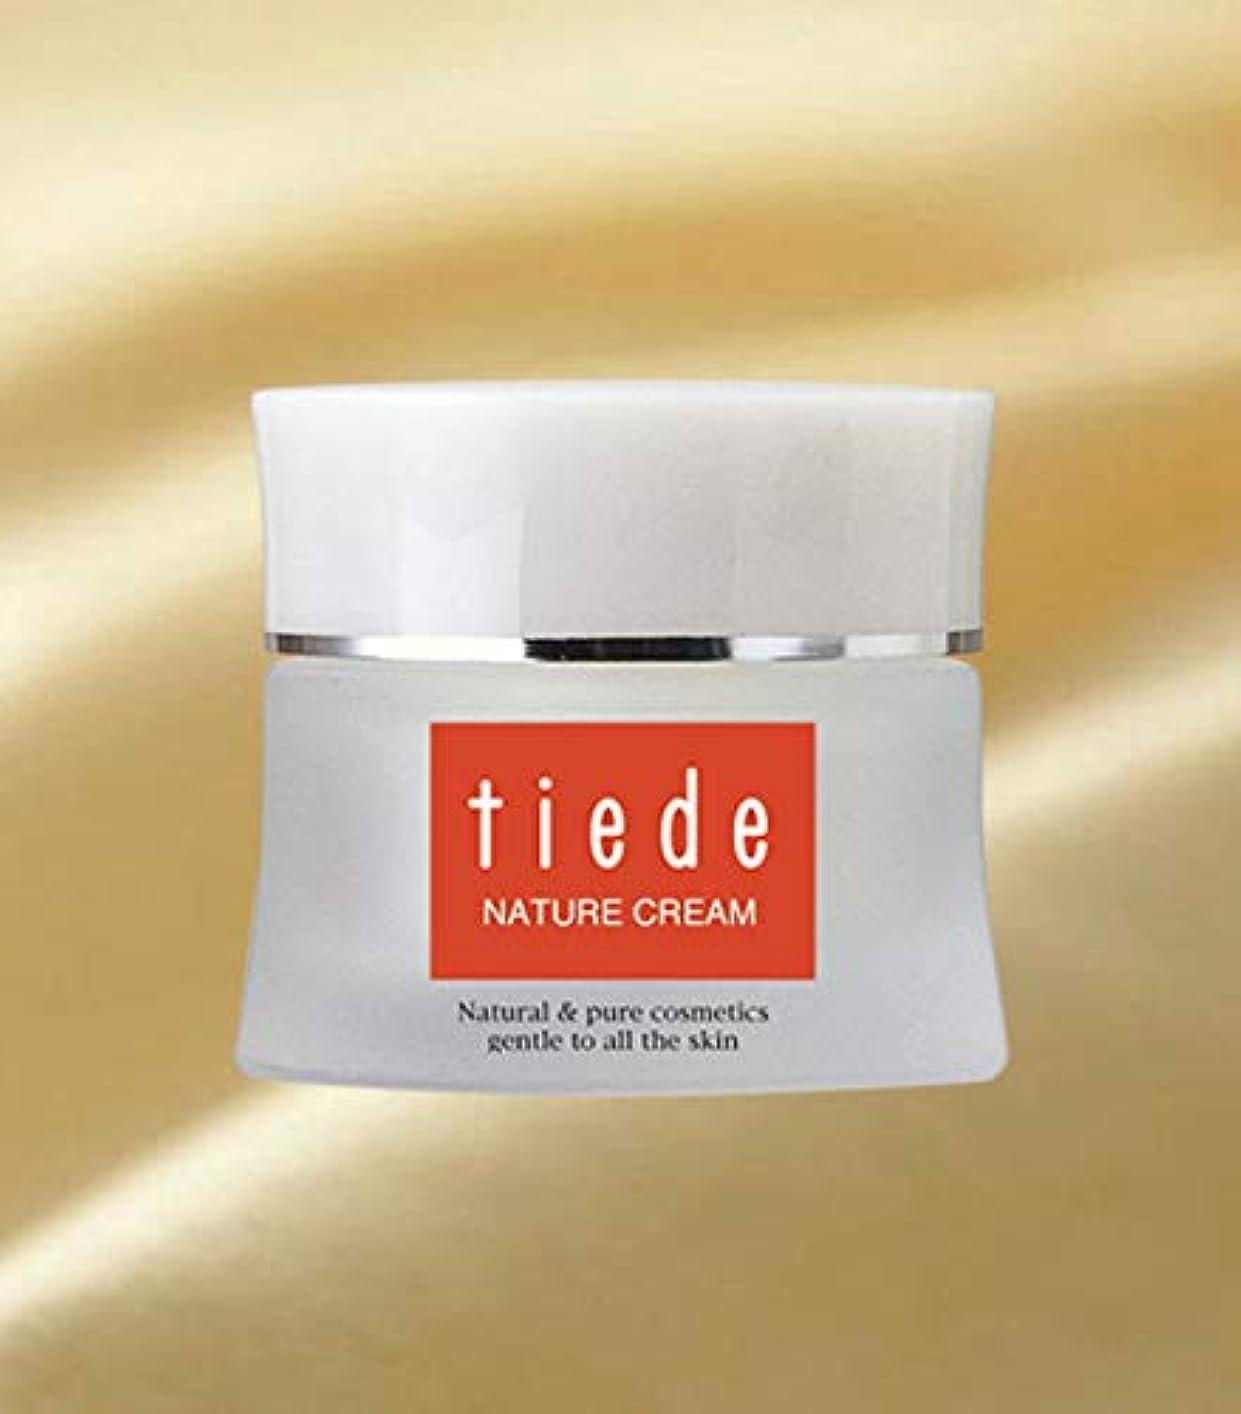 未亡人すり怠けたティエード ナテュール クリーム(40g) Tiede Natural Cream